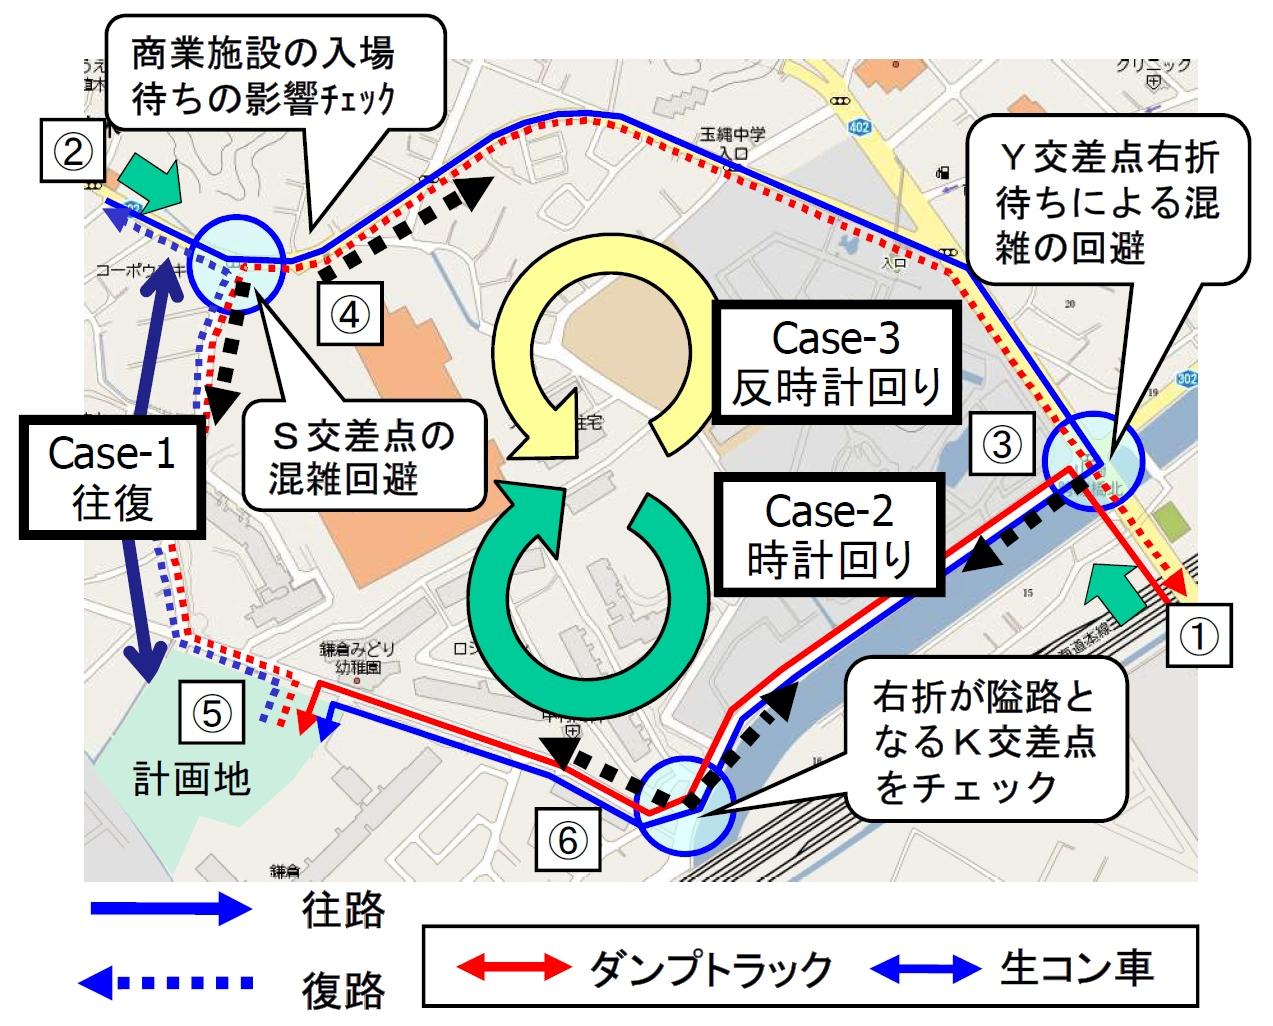 合意形成ツールとしての交通シミュレーション